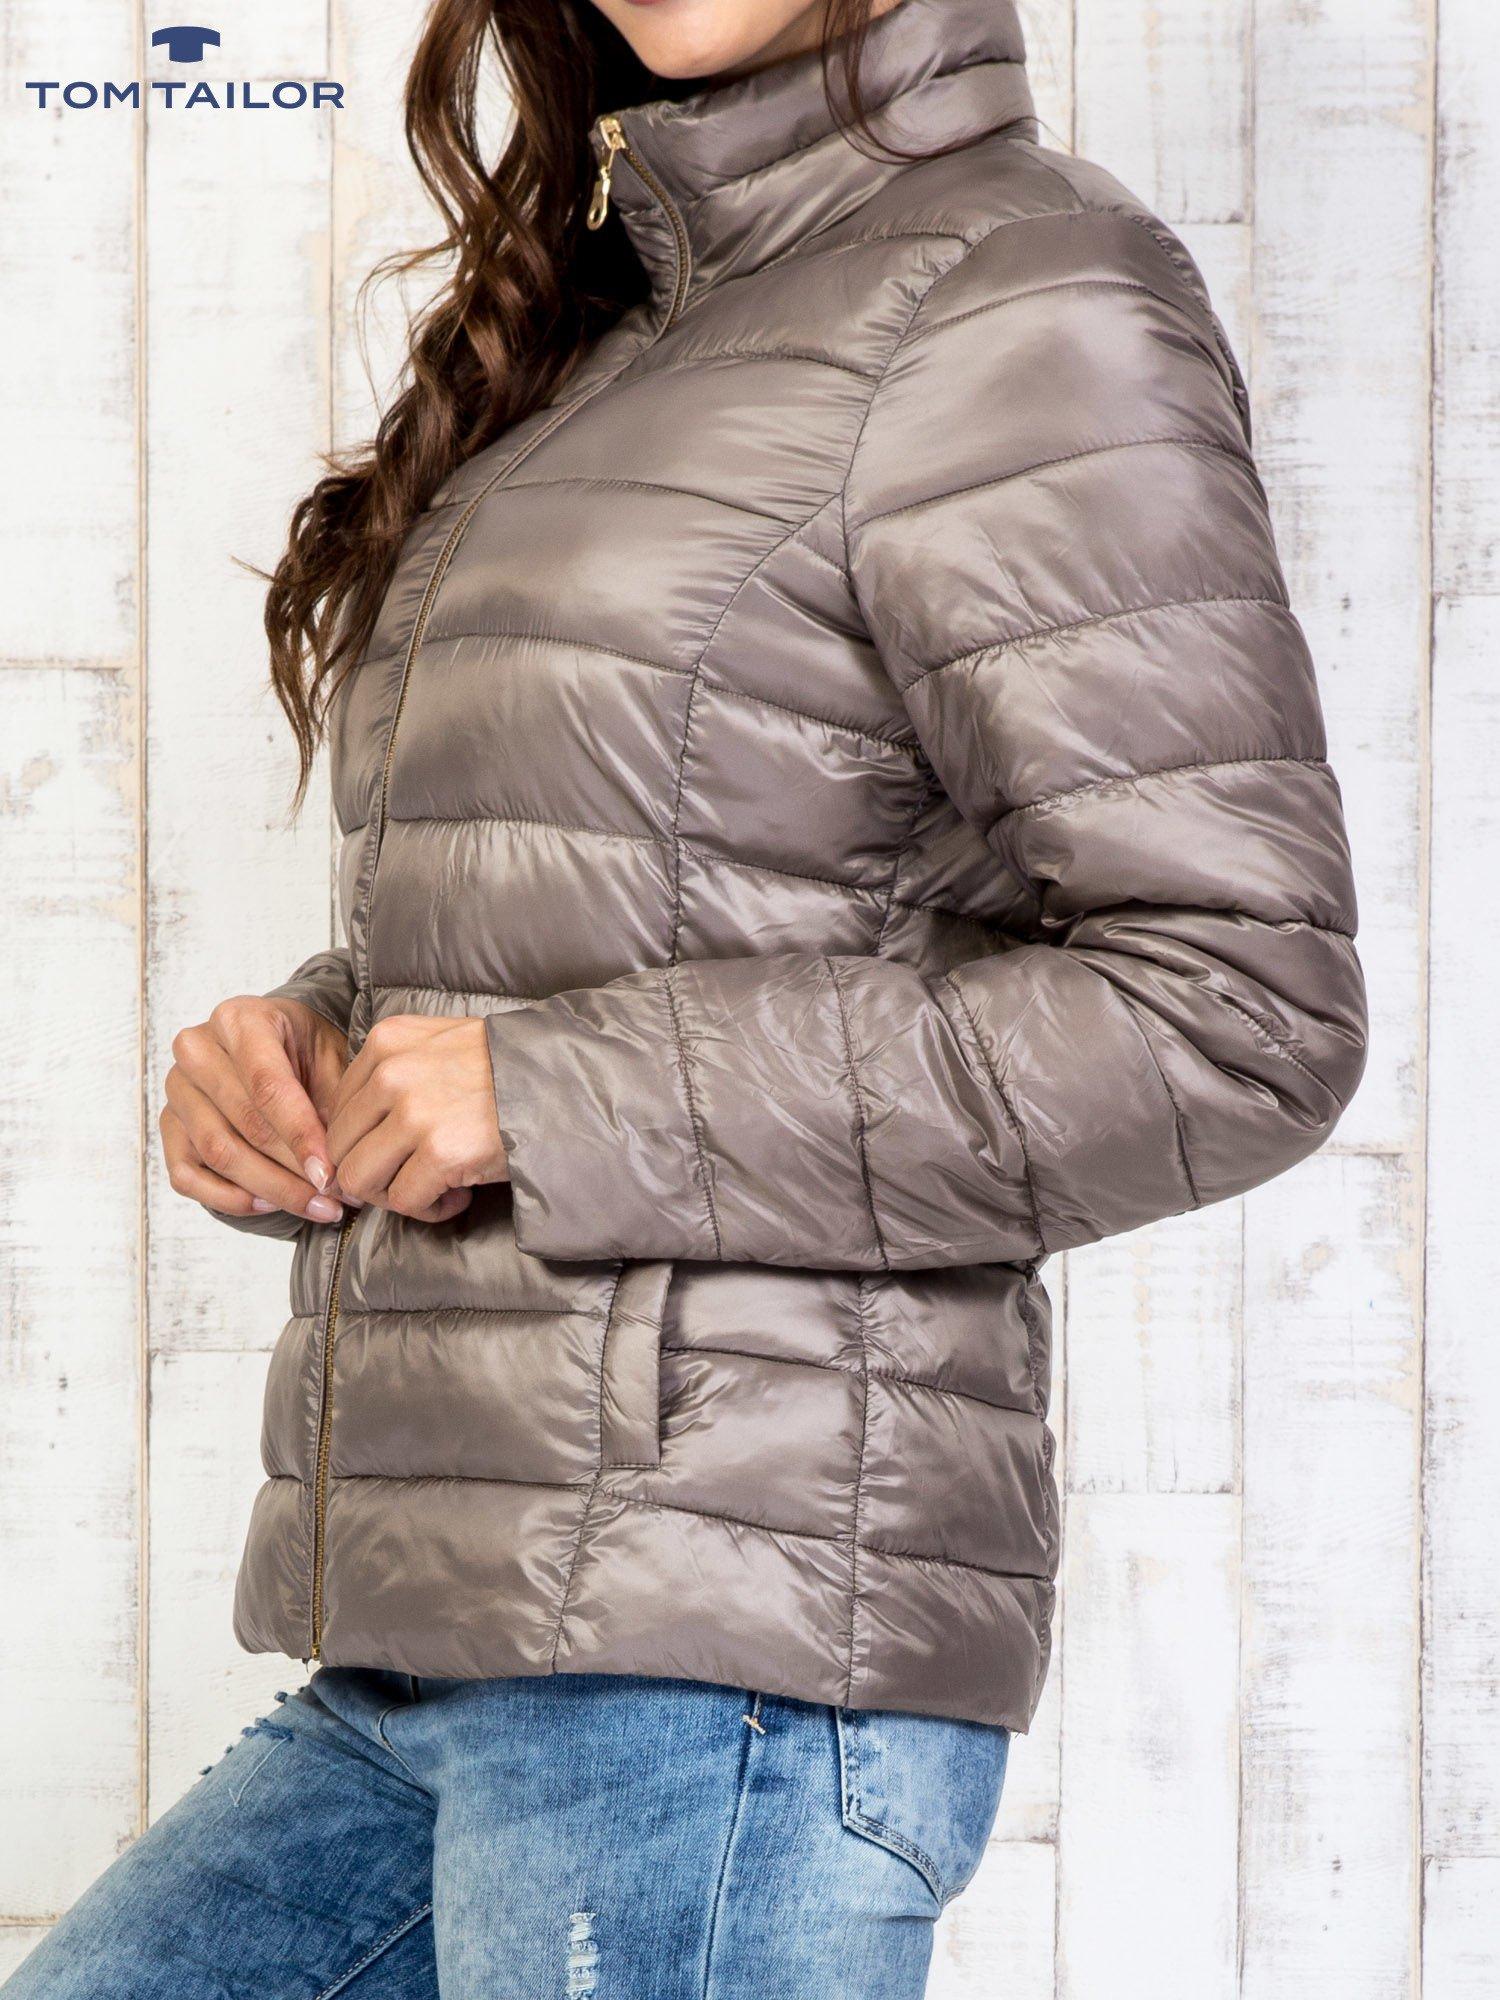 TOM TAILOR Brązowy dwuczęściowy płaszcz z kurtką pikowaną                                  zdj.                                  11